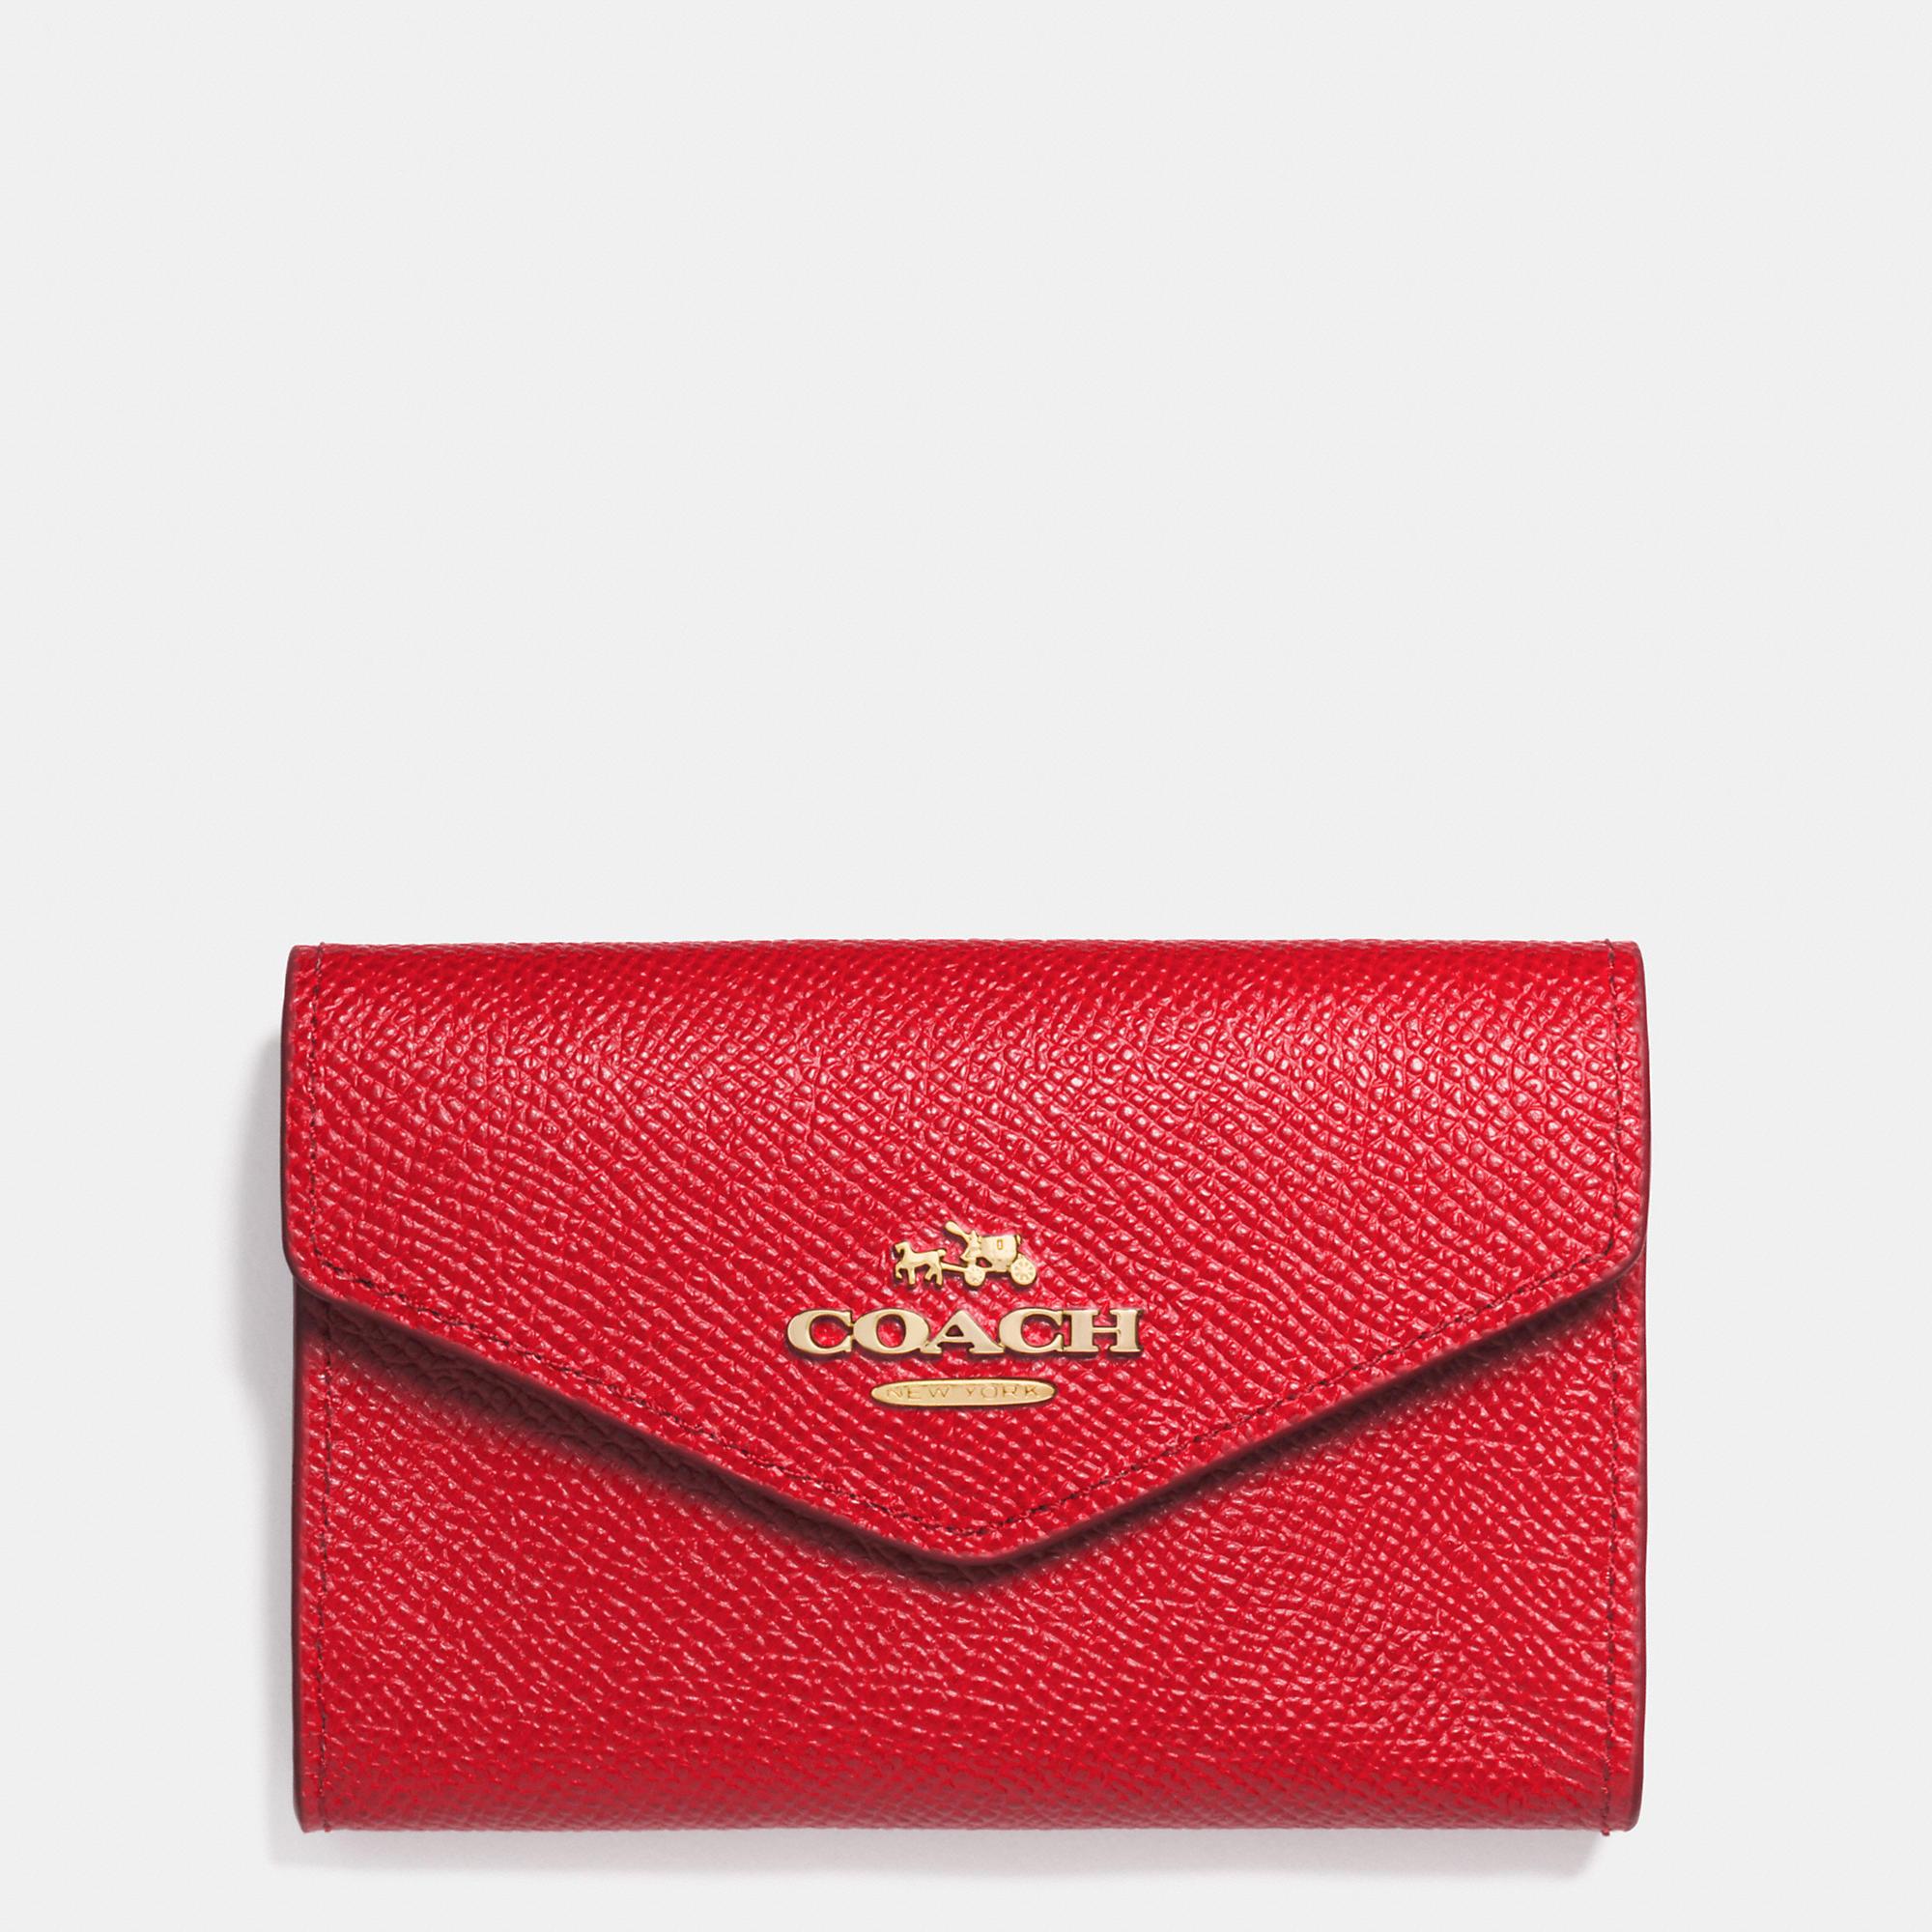 381e9b31e6fc Lyst - COACH Envelope Card Case In Crossgrain Leather in Red